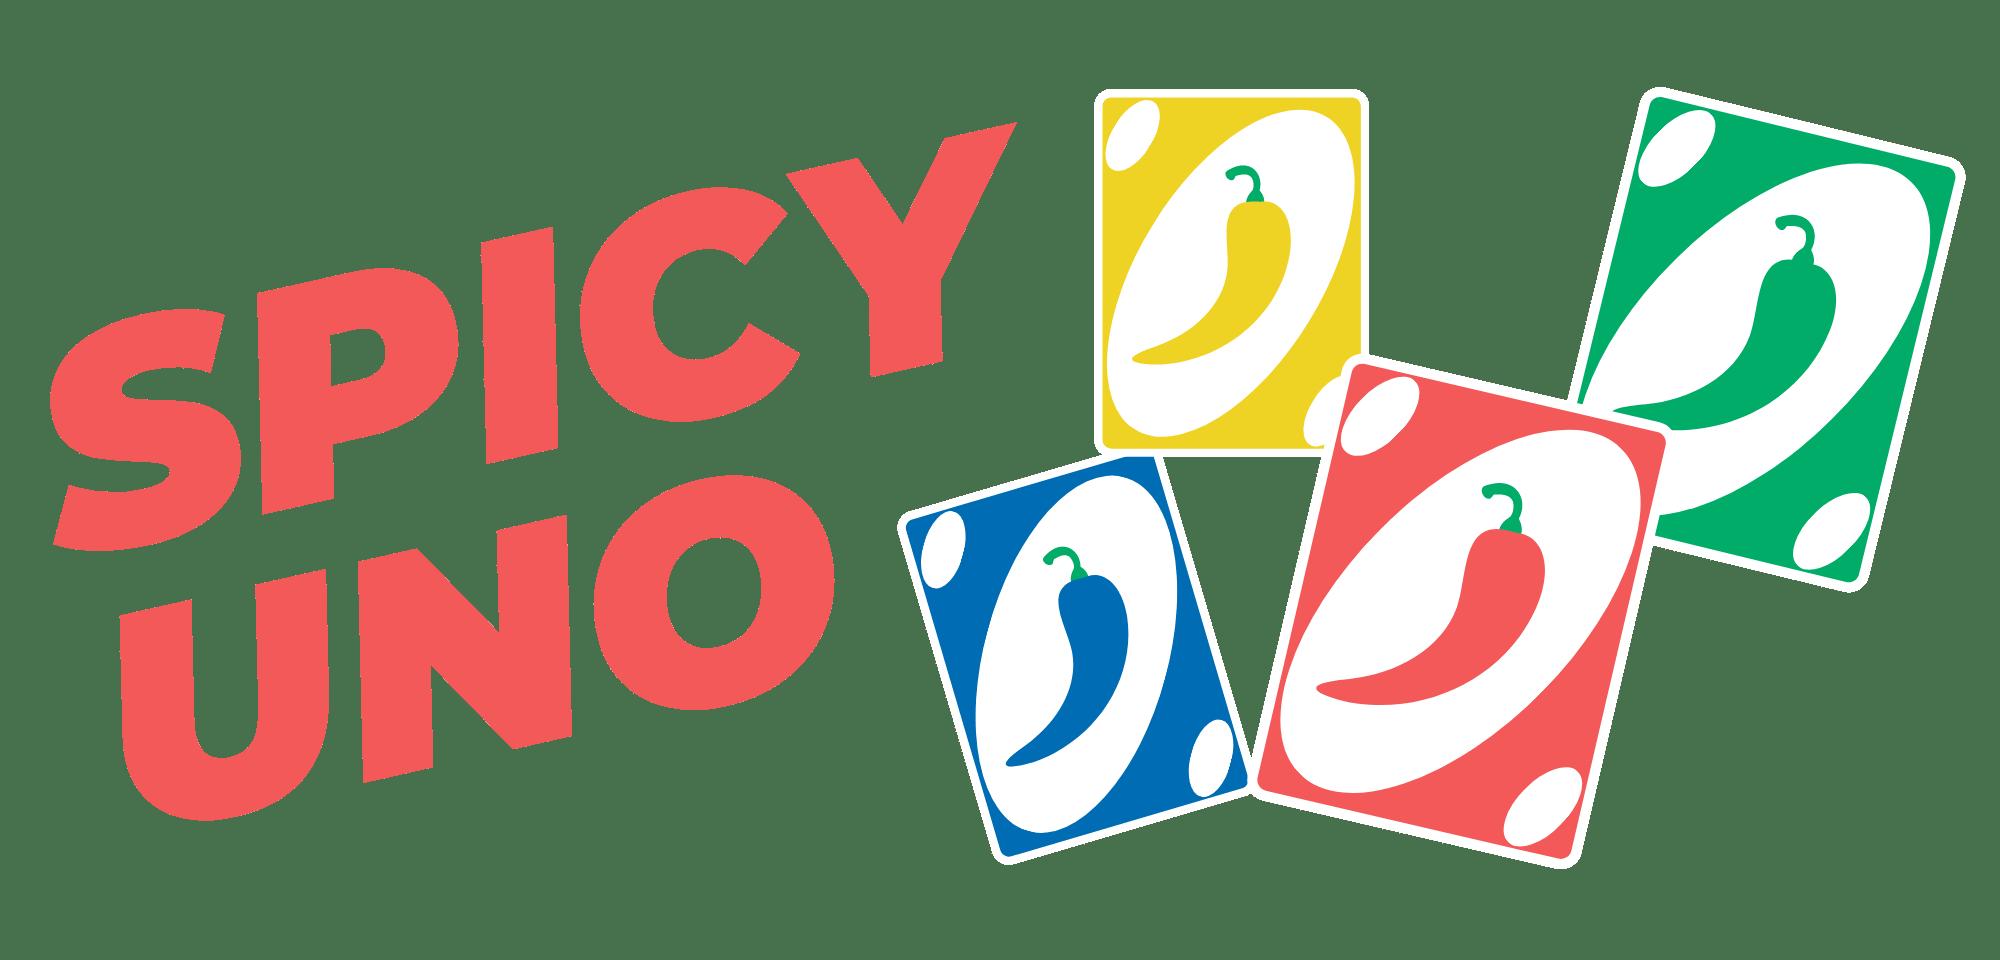 Spicy Uno icon